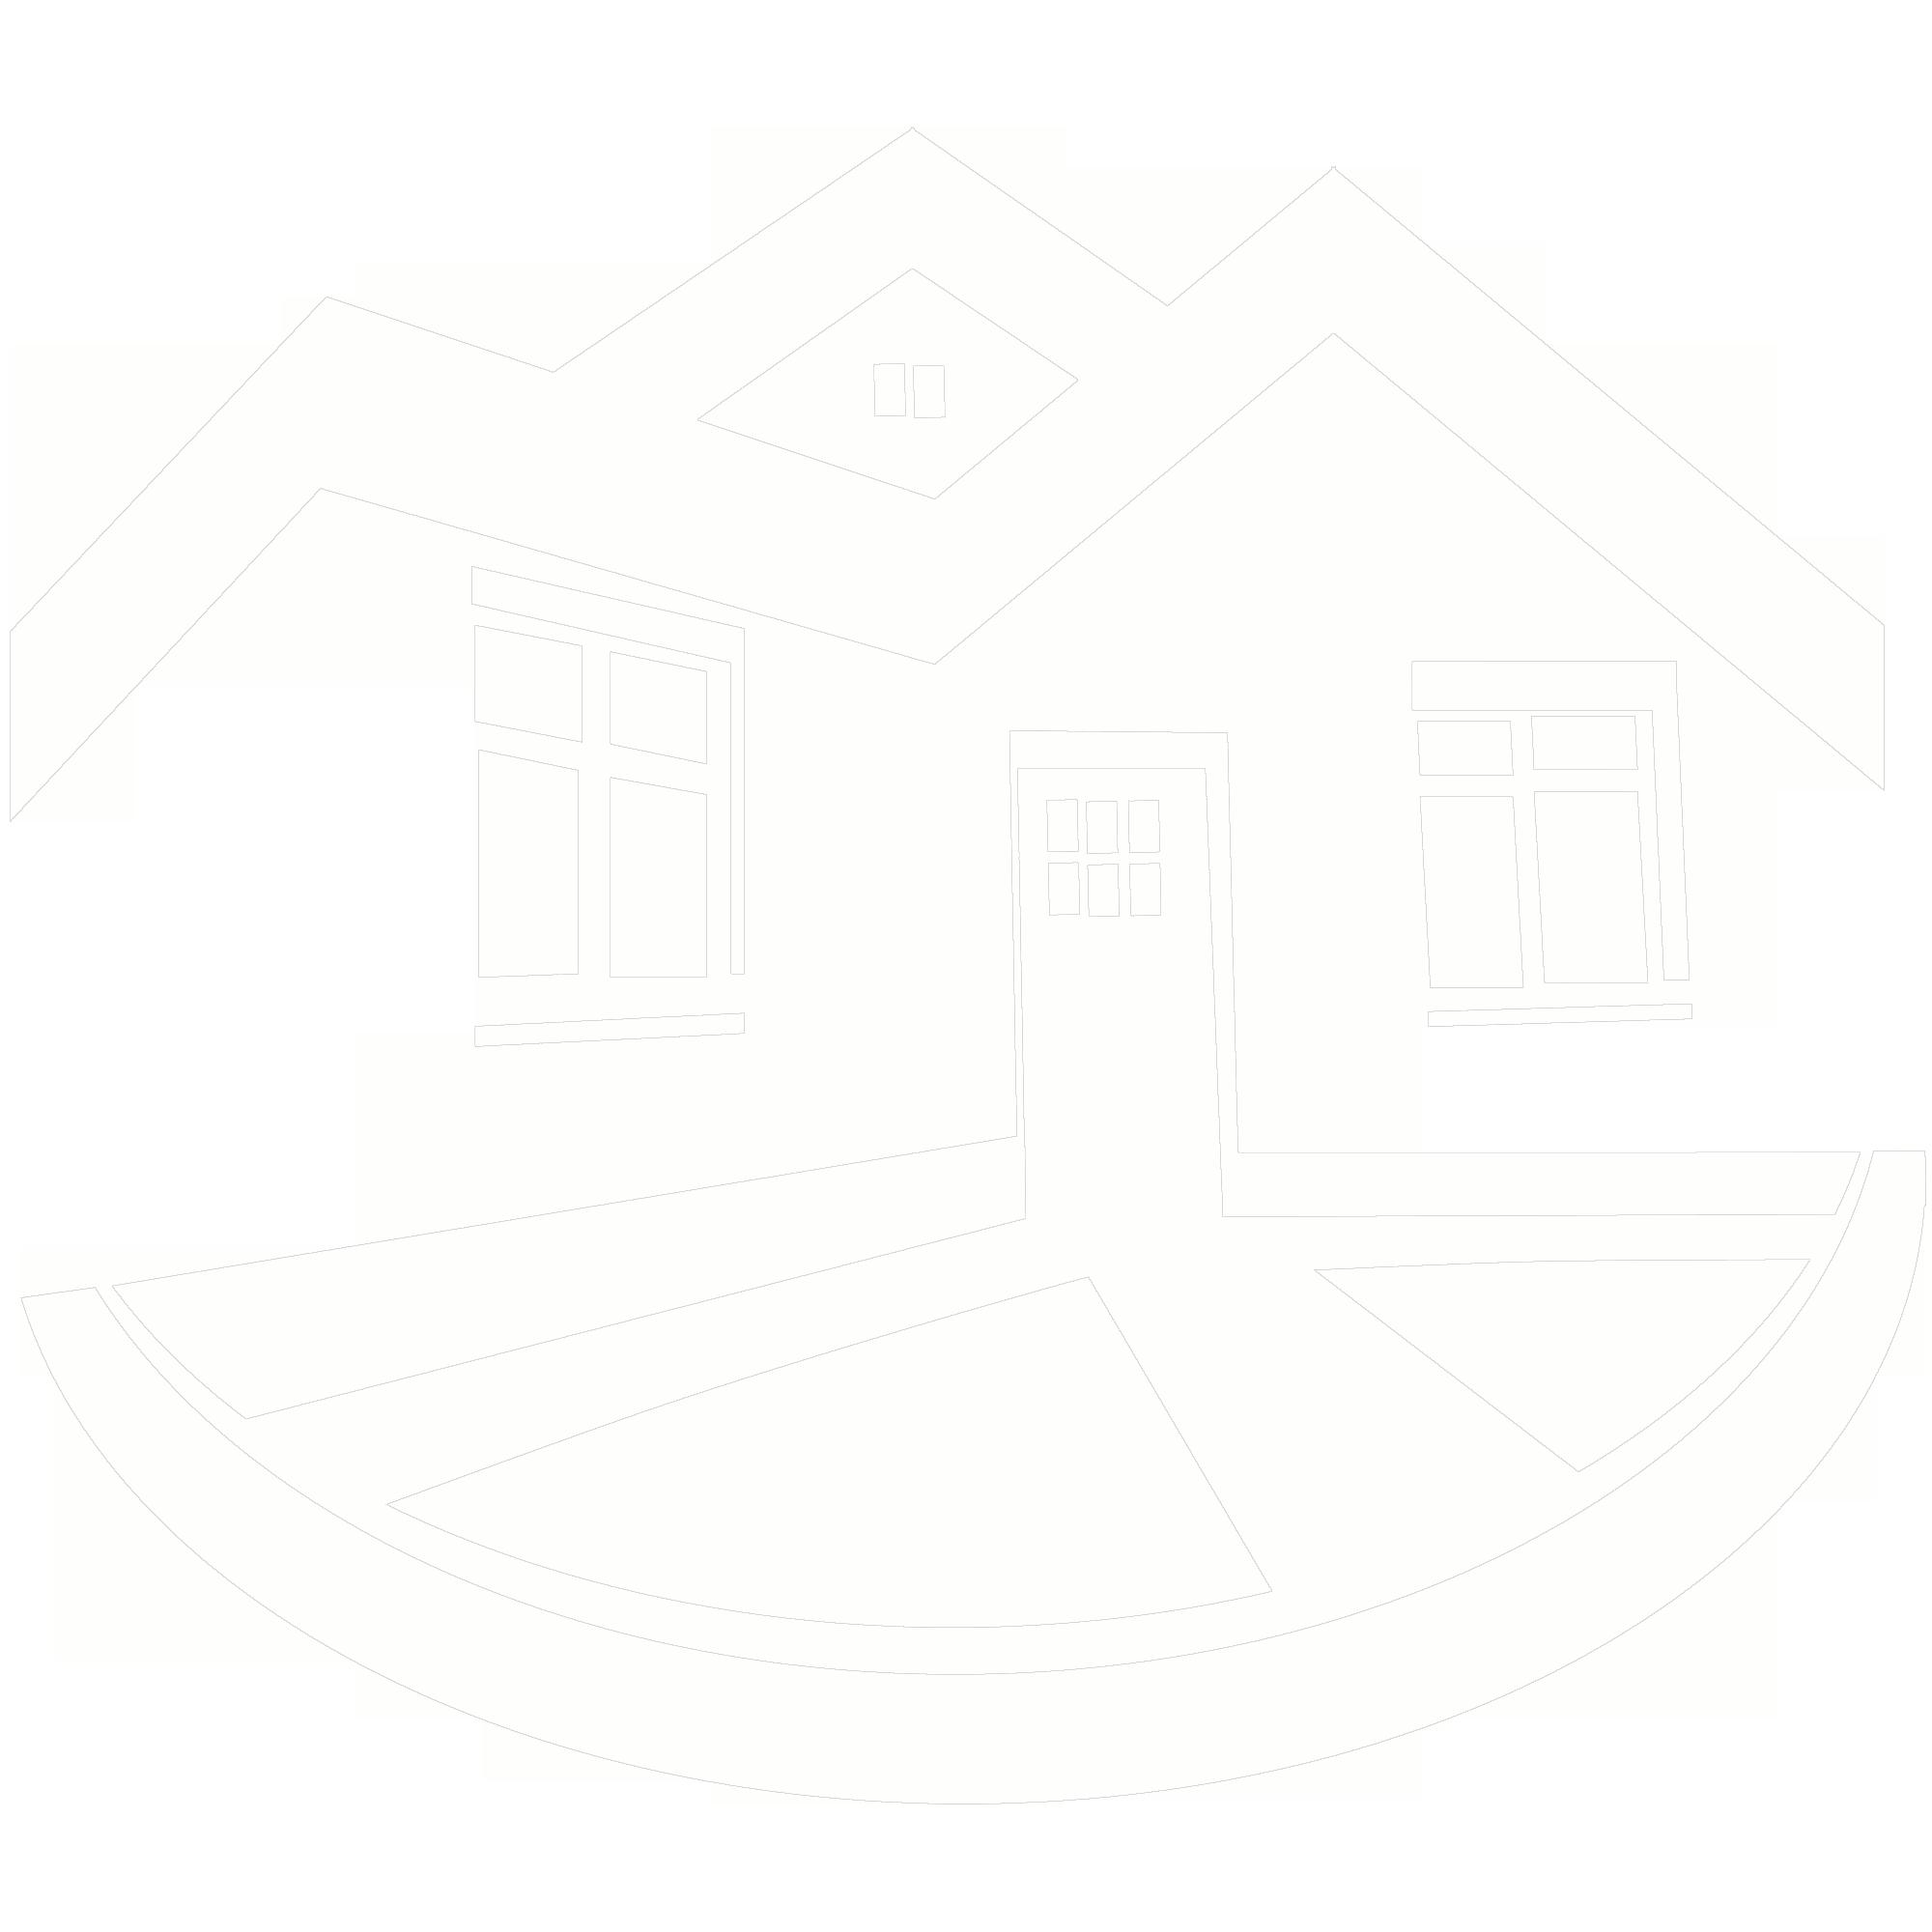 Immobilien-Makler Solingen, Immobilienmakler Haan, Immobilienmakler Hilden, Immobilienmakler Düsseldorf, Immobilienmakler Langenfeld, Immobilienmakler Leichingen, Immobilienmakler Erkrath, Immobilienmakler Mettmann, Immobilienmakler Ratingen, Immobilienmakler Remscheid, Immobilienmakler Wuppertal